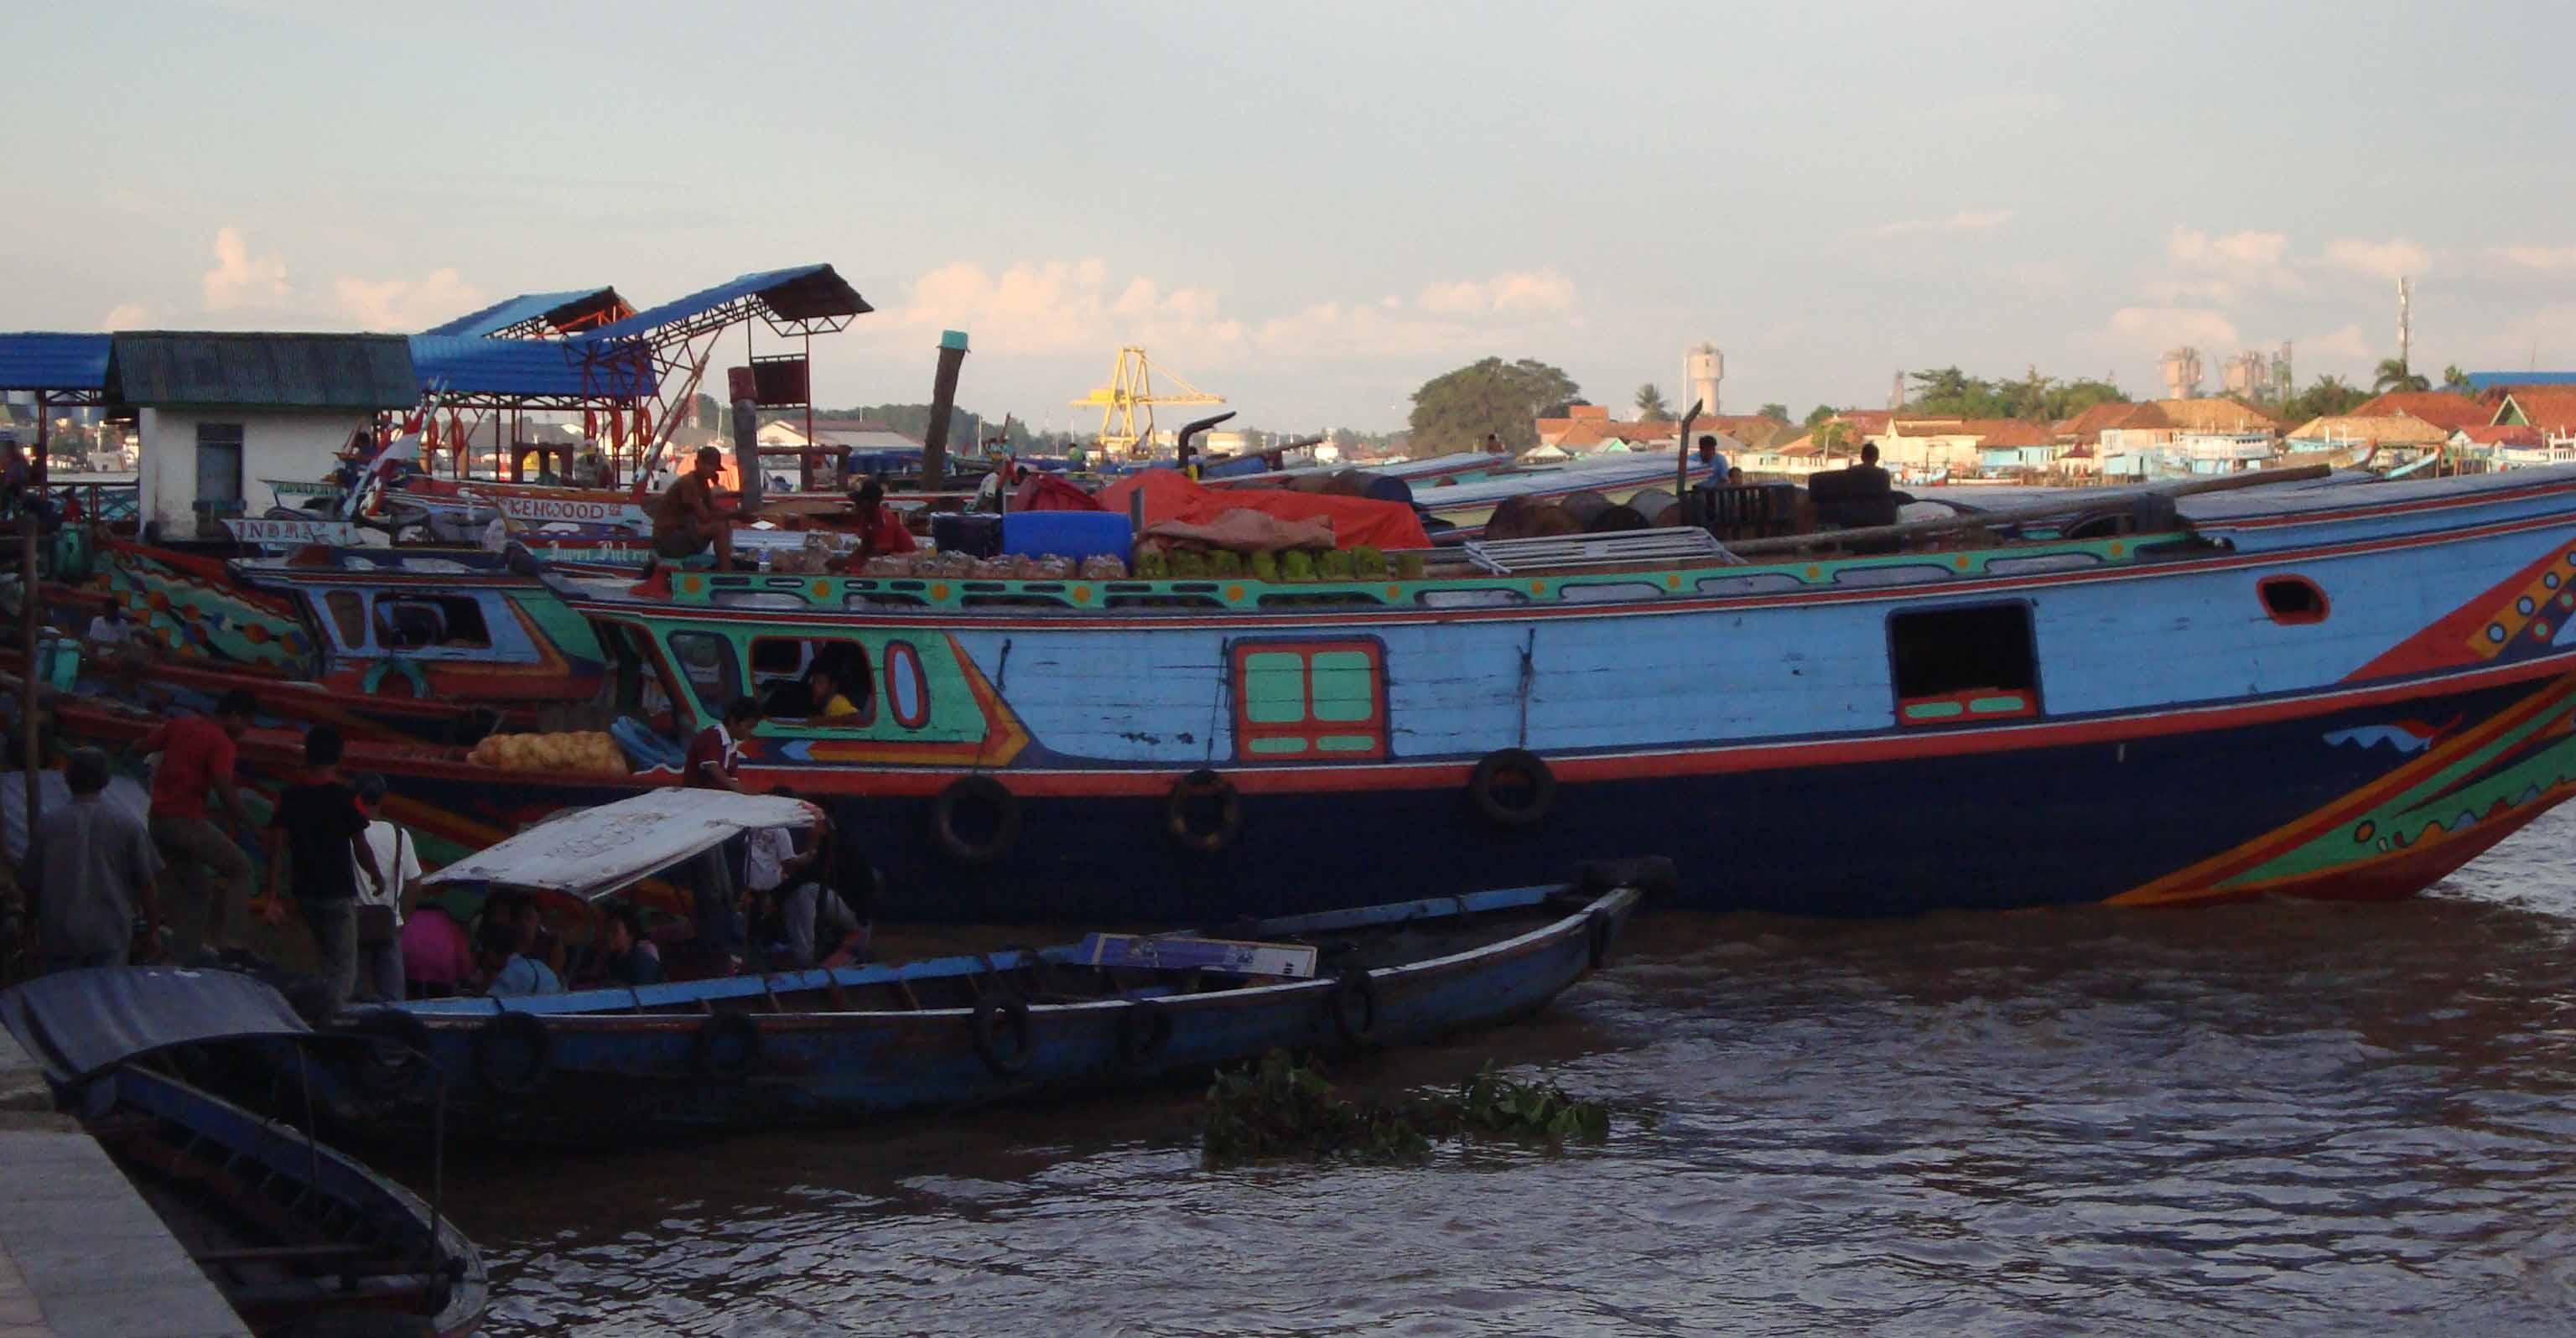 Tribun Ilmu Tempat Wisata Palembangtribunilmu Sekitar 750km Membelah Kota Palembang